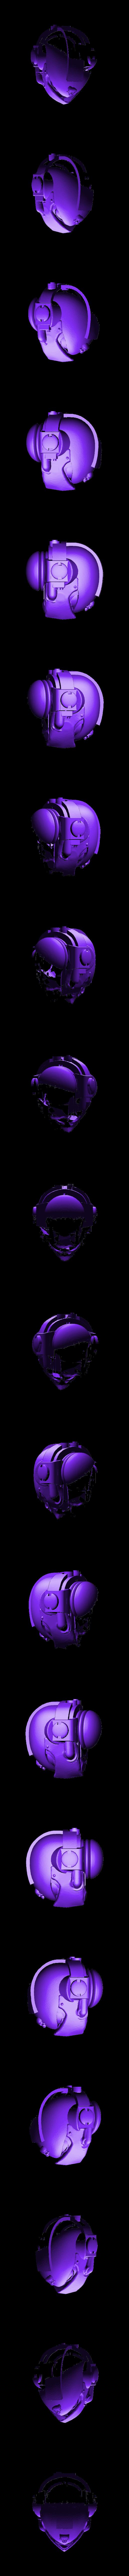 Head 4.stl Télécharger fichier STL gratuit L'équipe des Chevaliers gris Primaris • Modèle pour imprimante 3D, joeldawson93